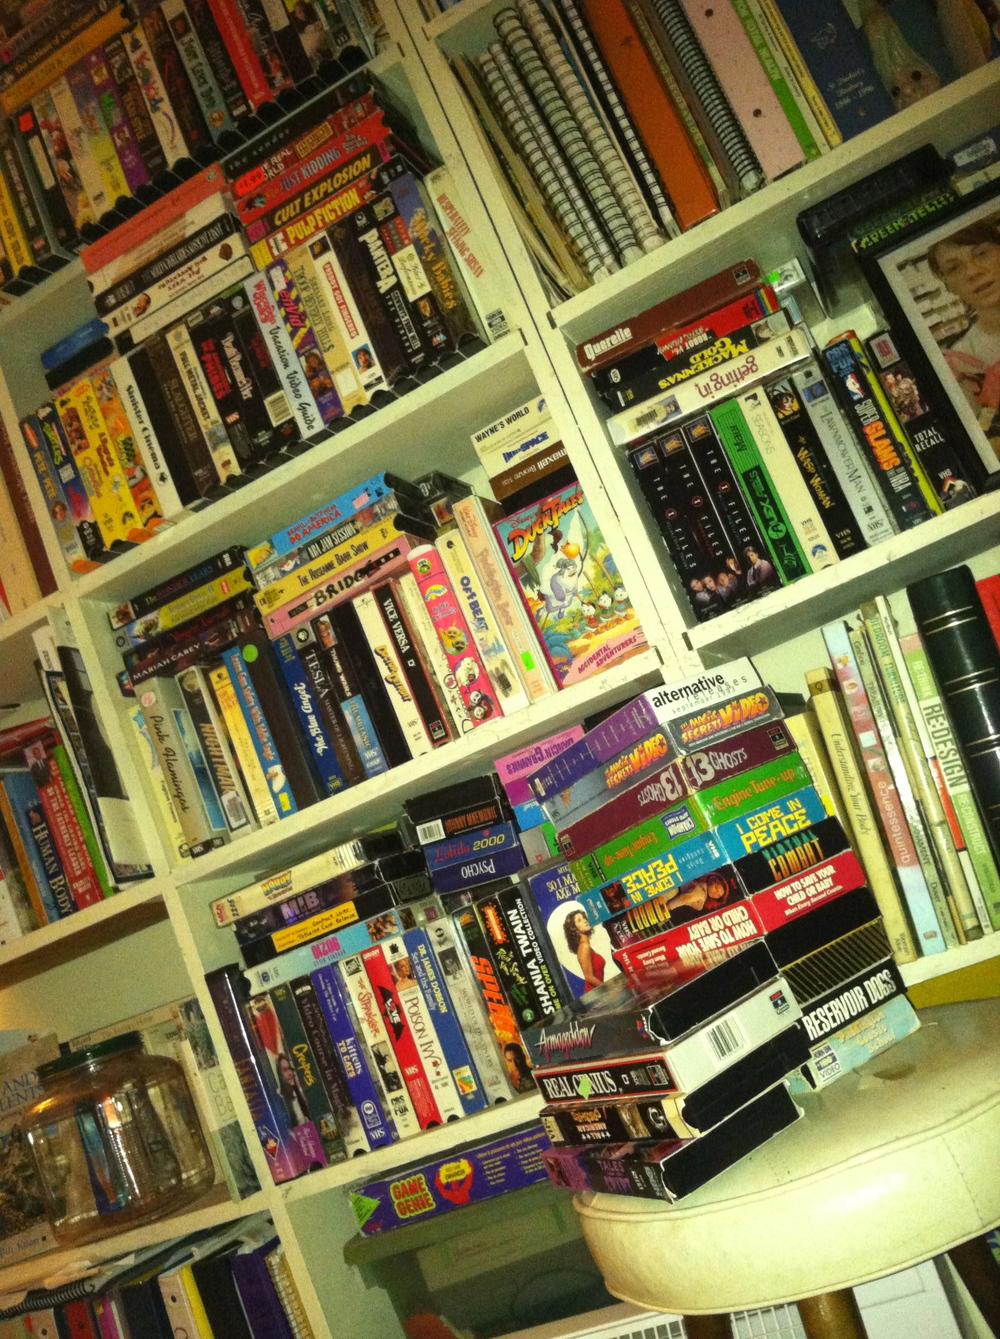 VHS hoard